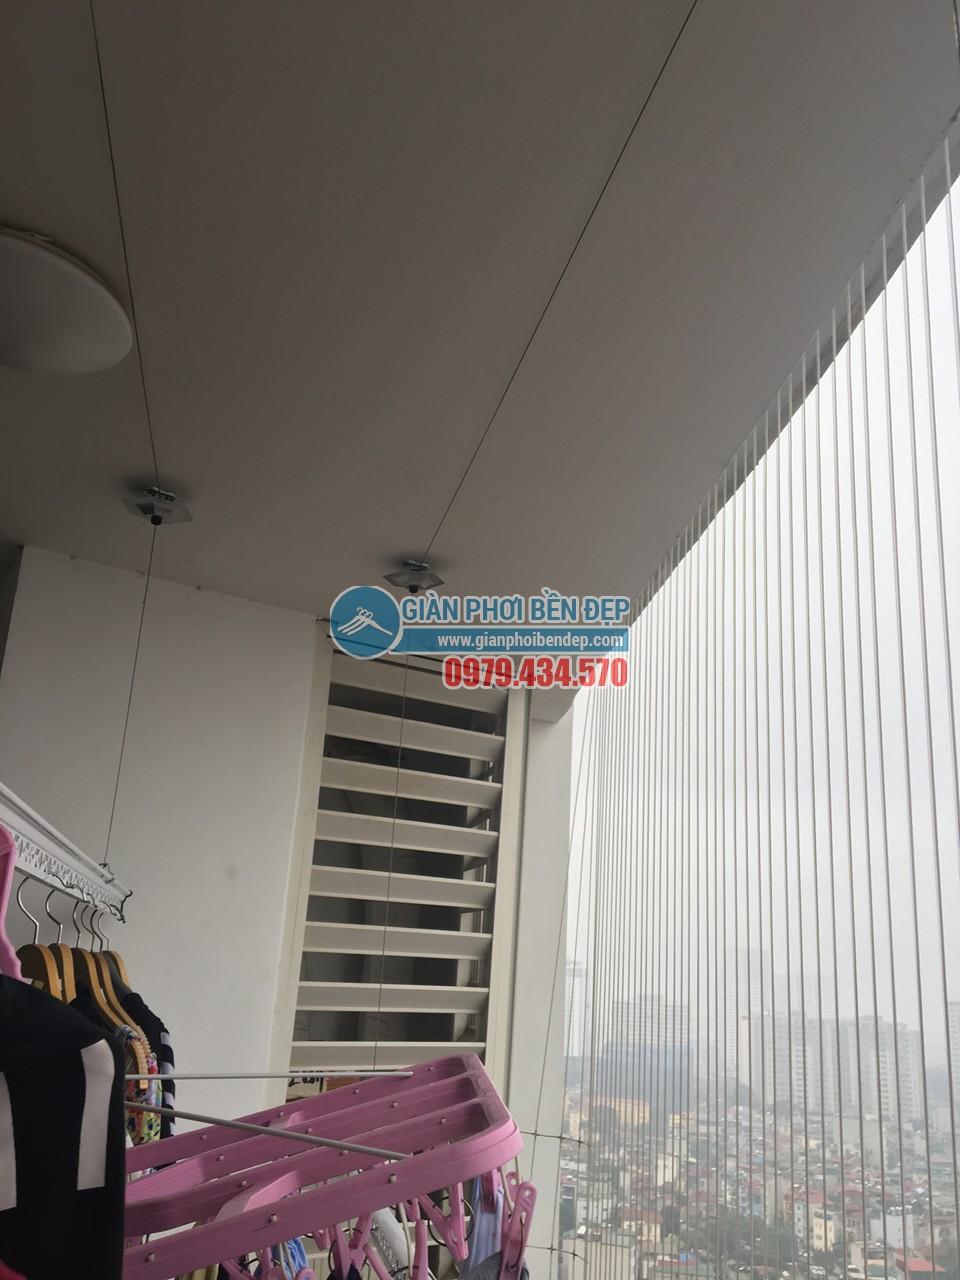 Lắp đặt giàn phơi đồ thông minh, hiện đại nhà chị Hiền, Royal City - 04